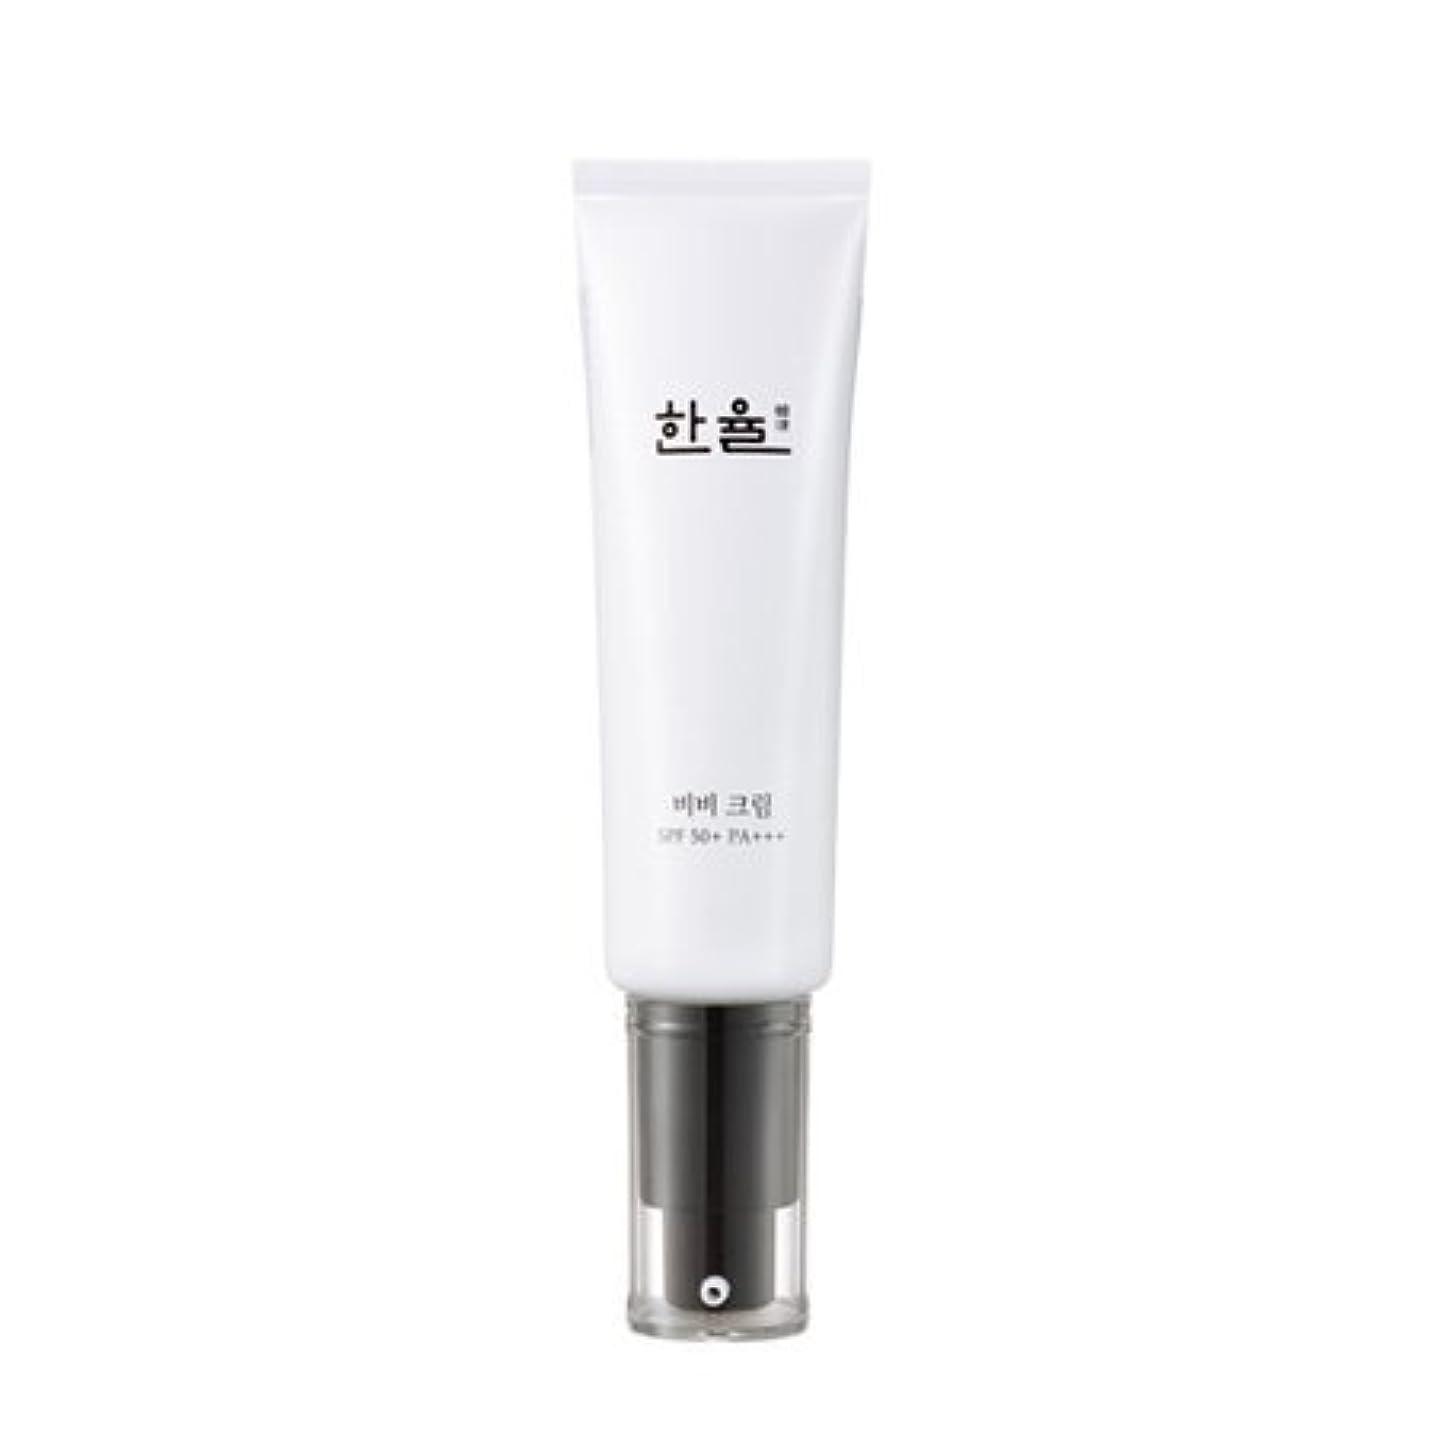 女性シーケンスこねる[HANYUL] BB Cream SPF 50+/pa+++ (#02 Soft Beige)